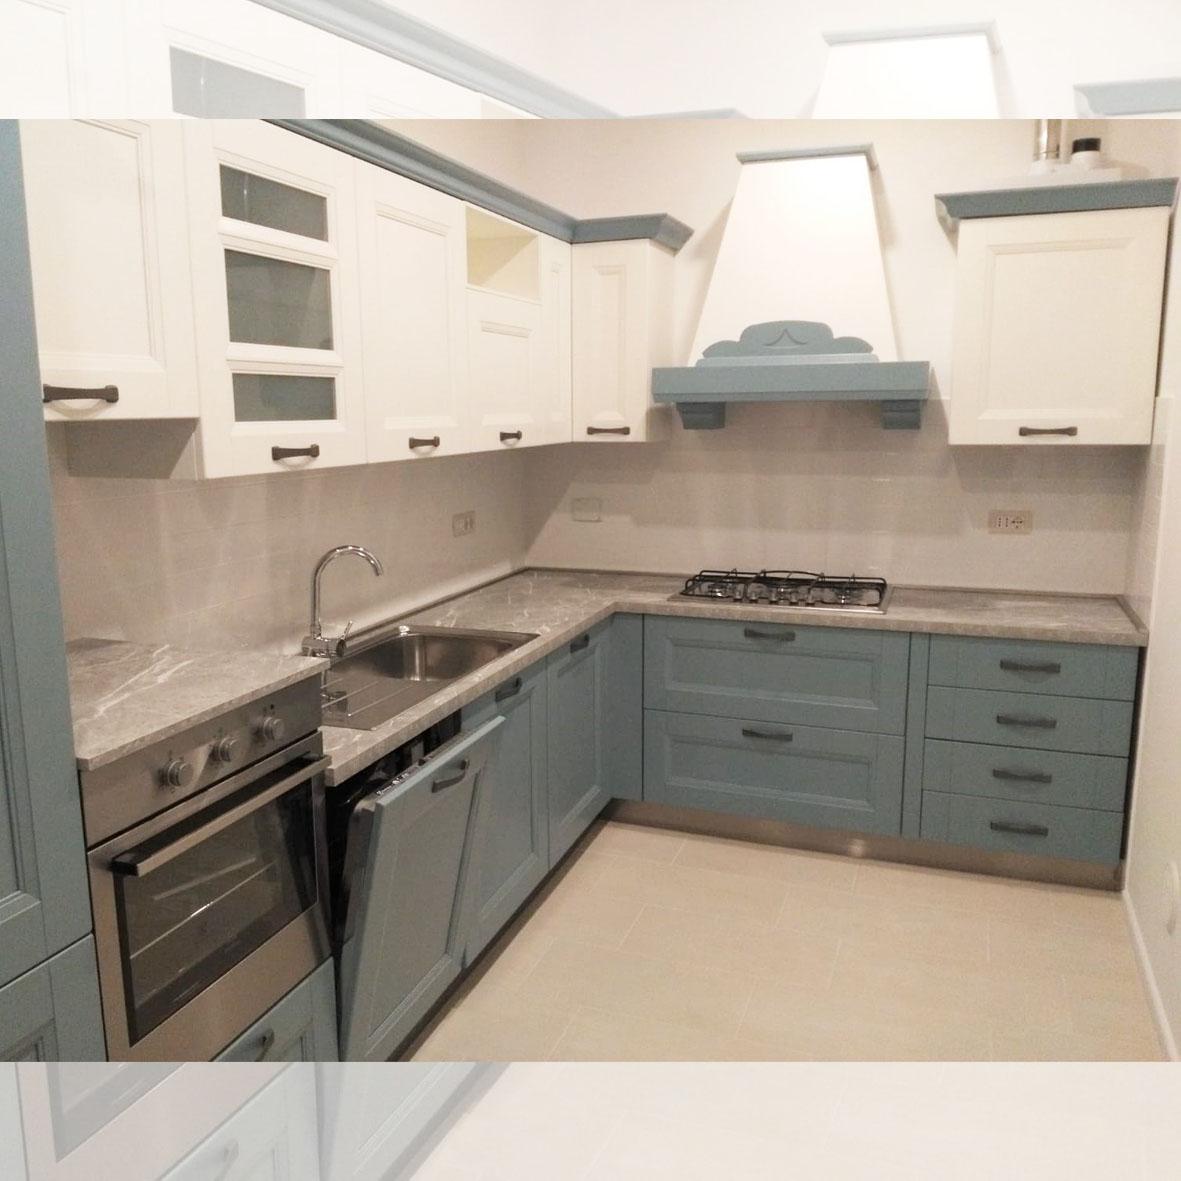 centro dell'arredamento-savona-cucina-arredo3-gioiosa-cucina azzurra-classica